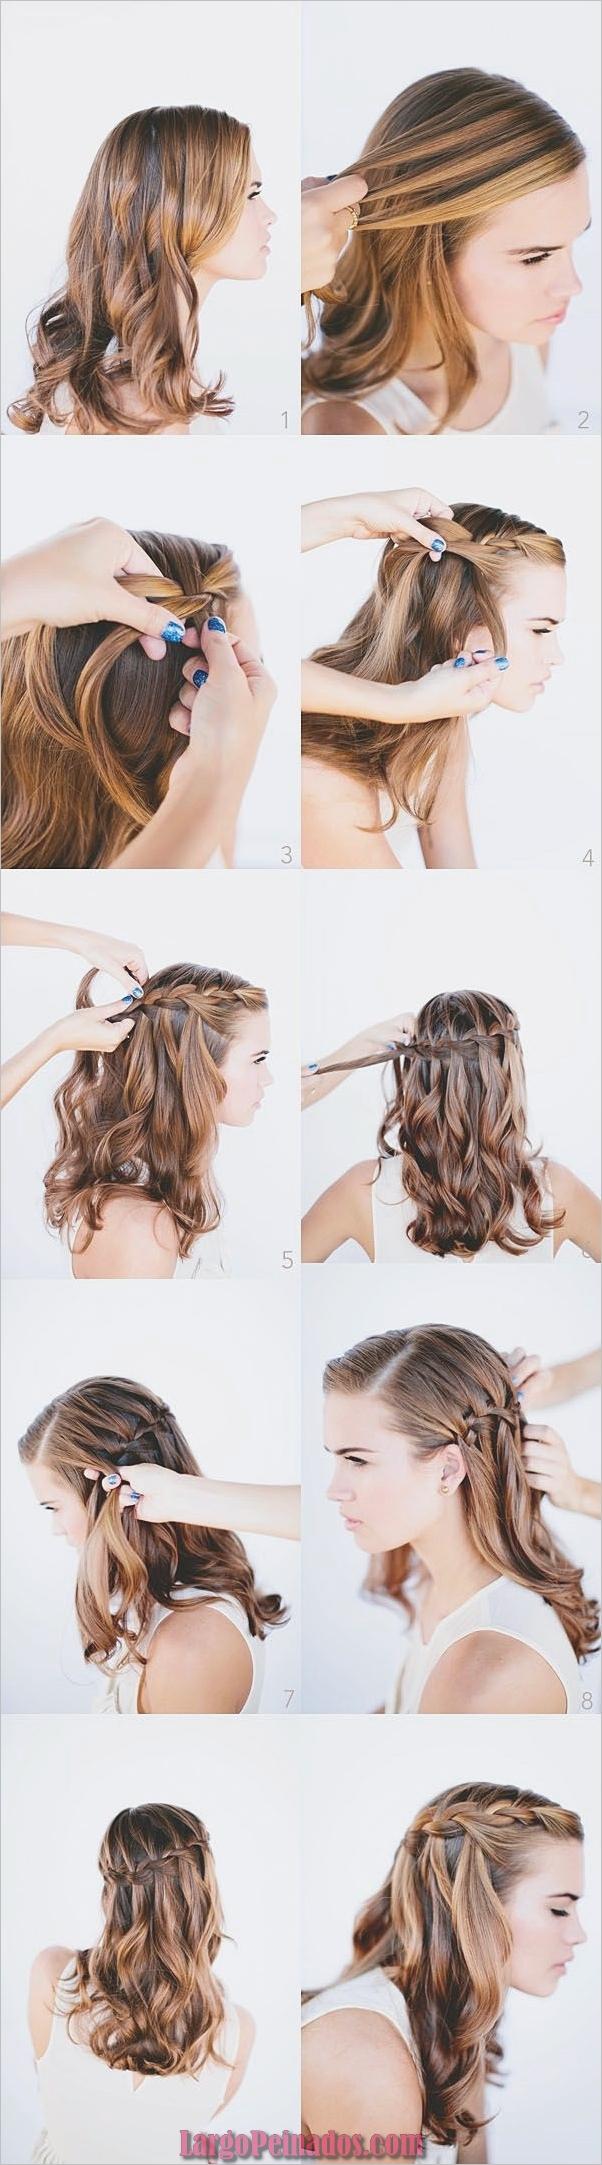 Peinados fáciles paso a paso para cabello largo6